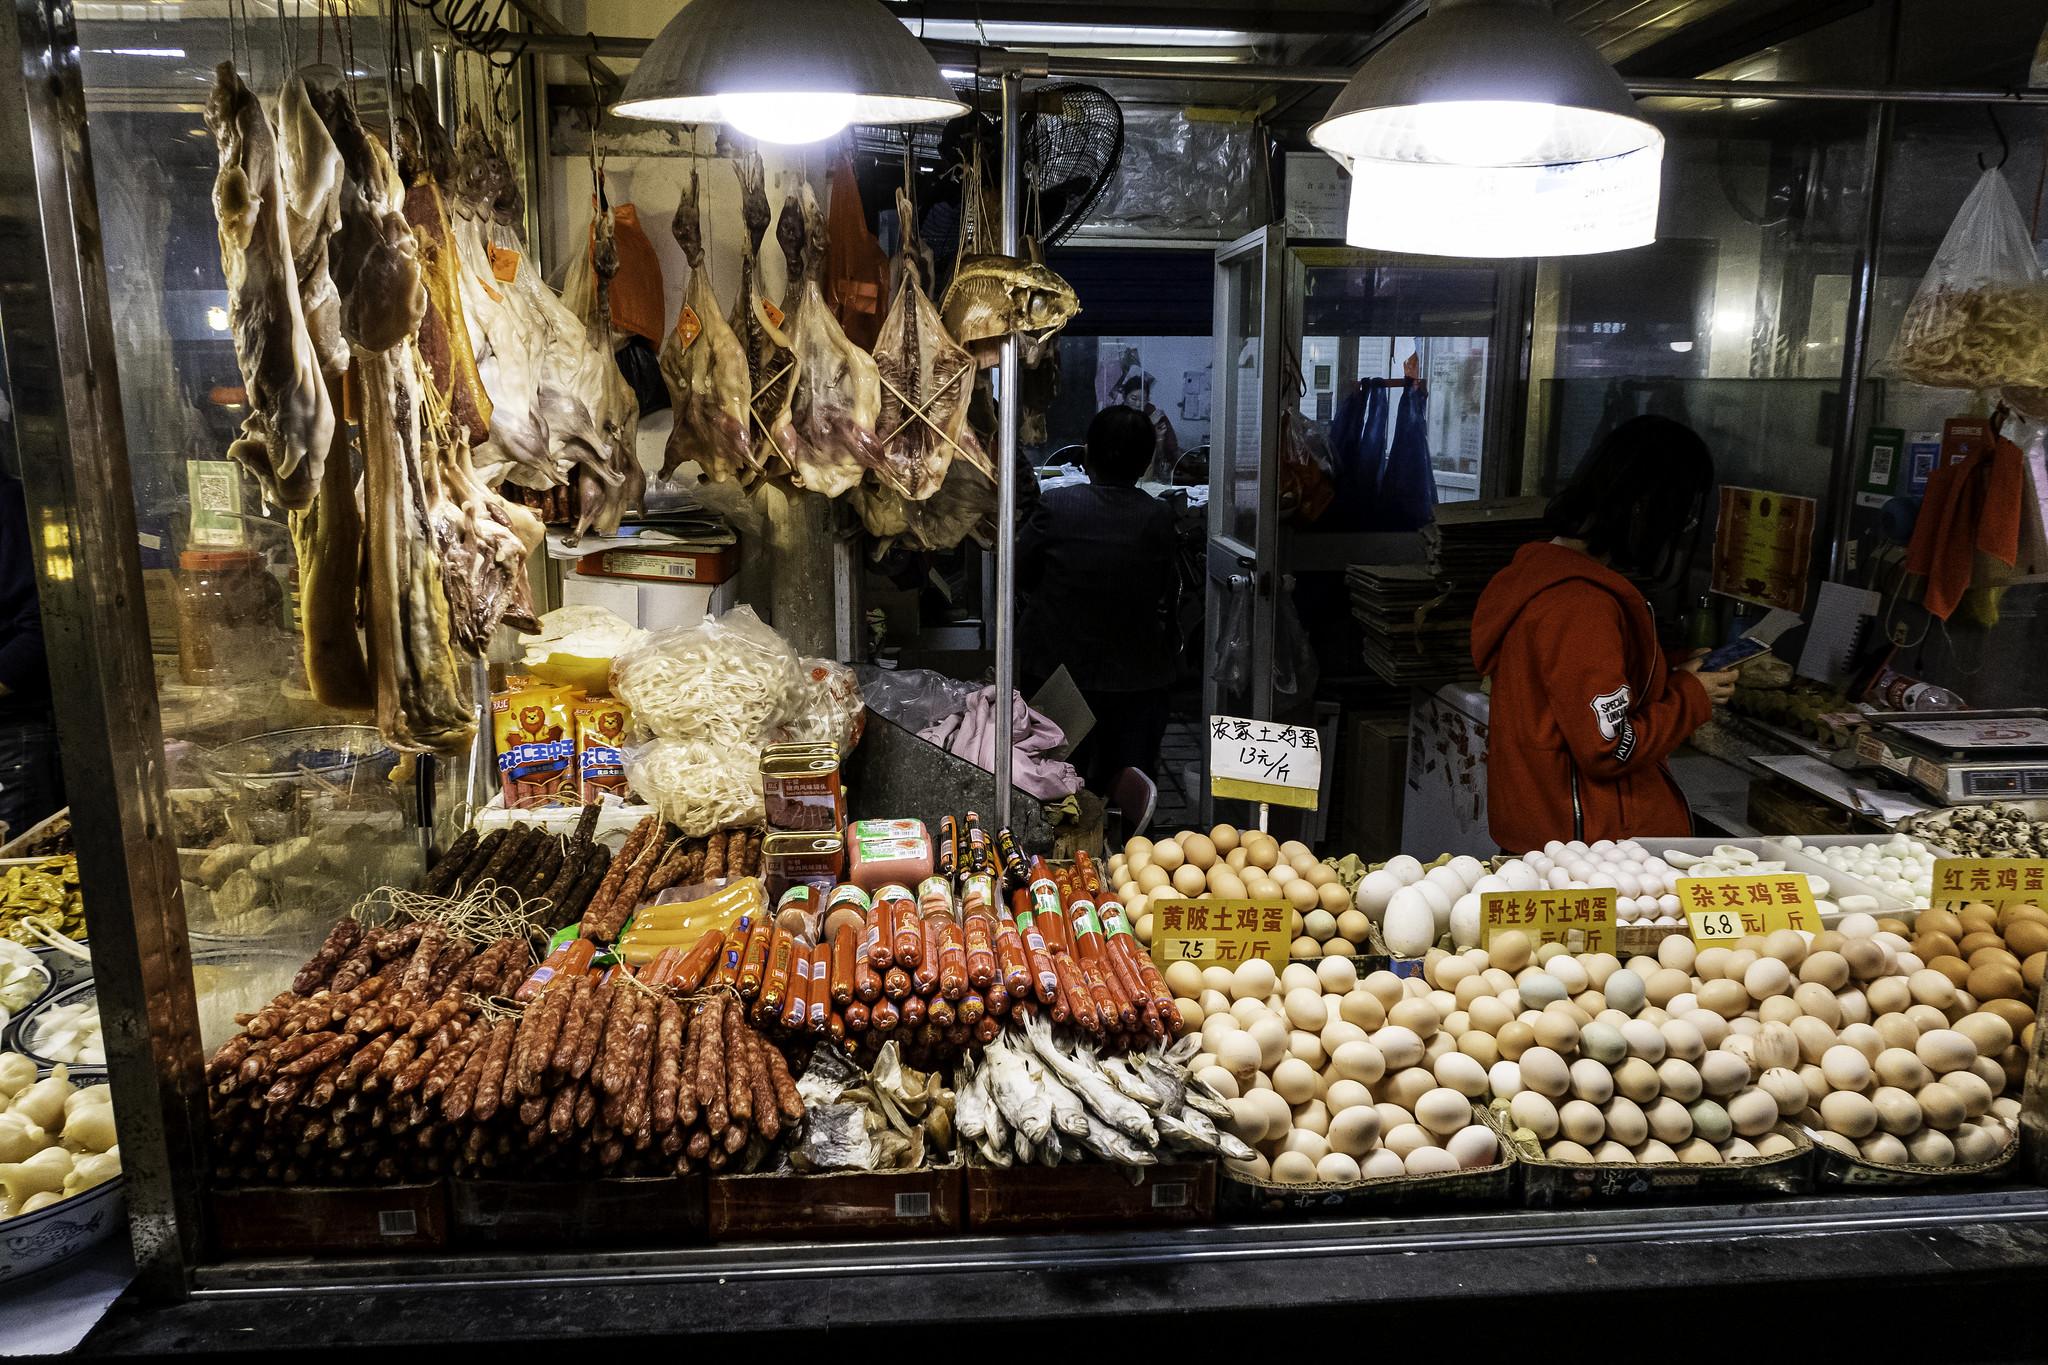 Mercados de Wuhan (Foto: Arend Kuester, Flicker)